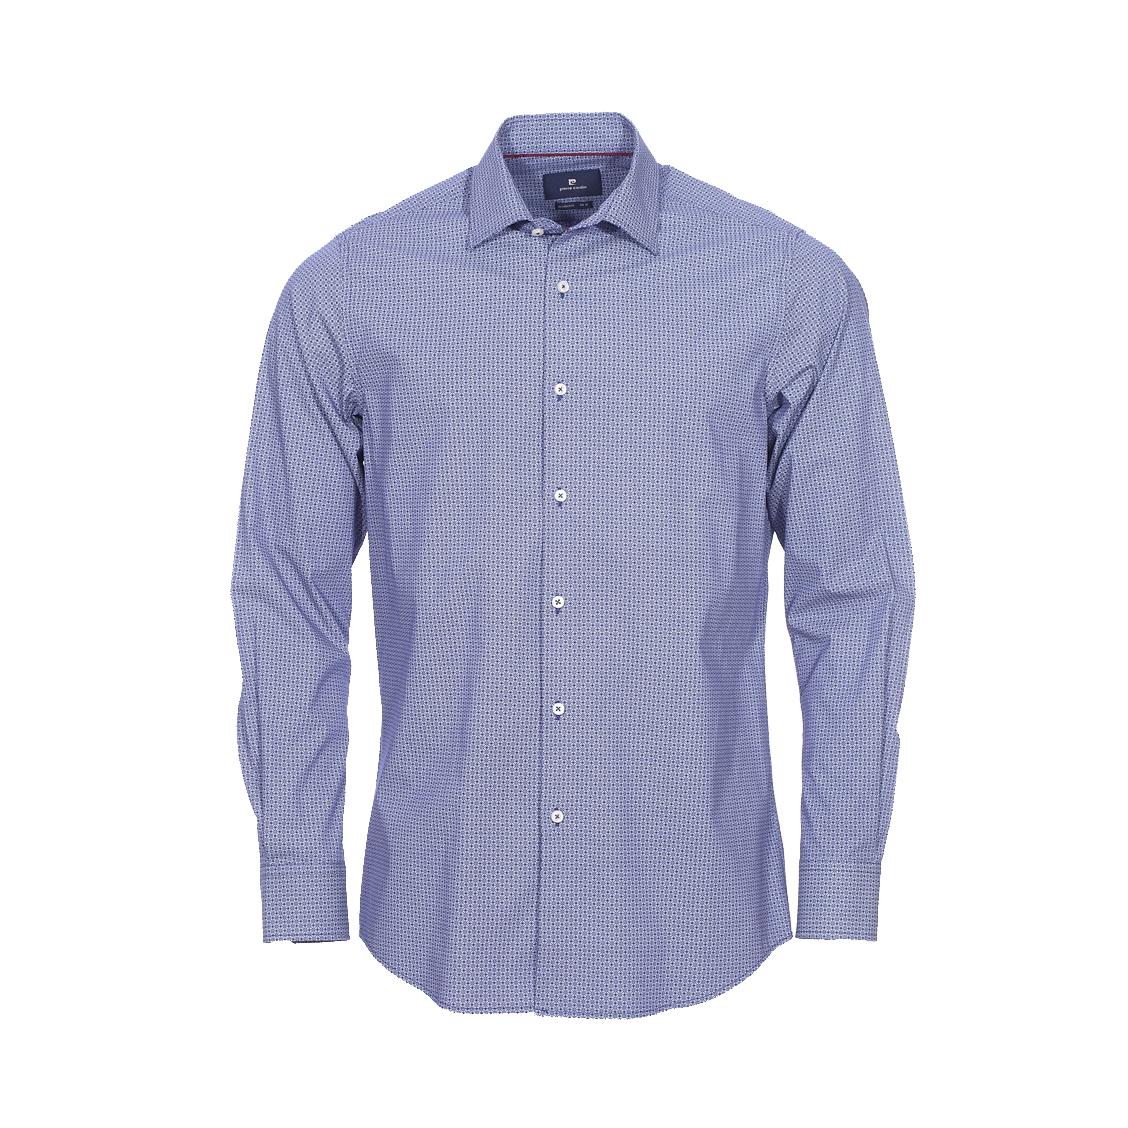 Chemise ajustée  en coton stretch bleu marine à motifs blancs